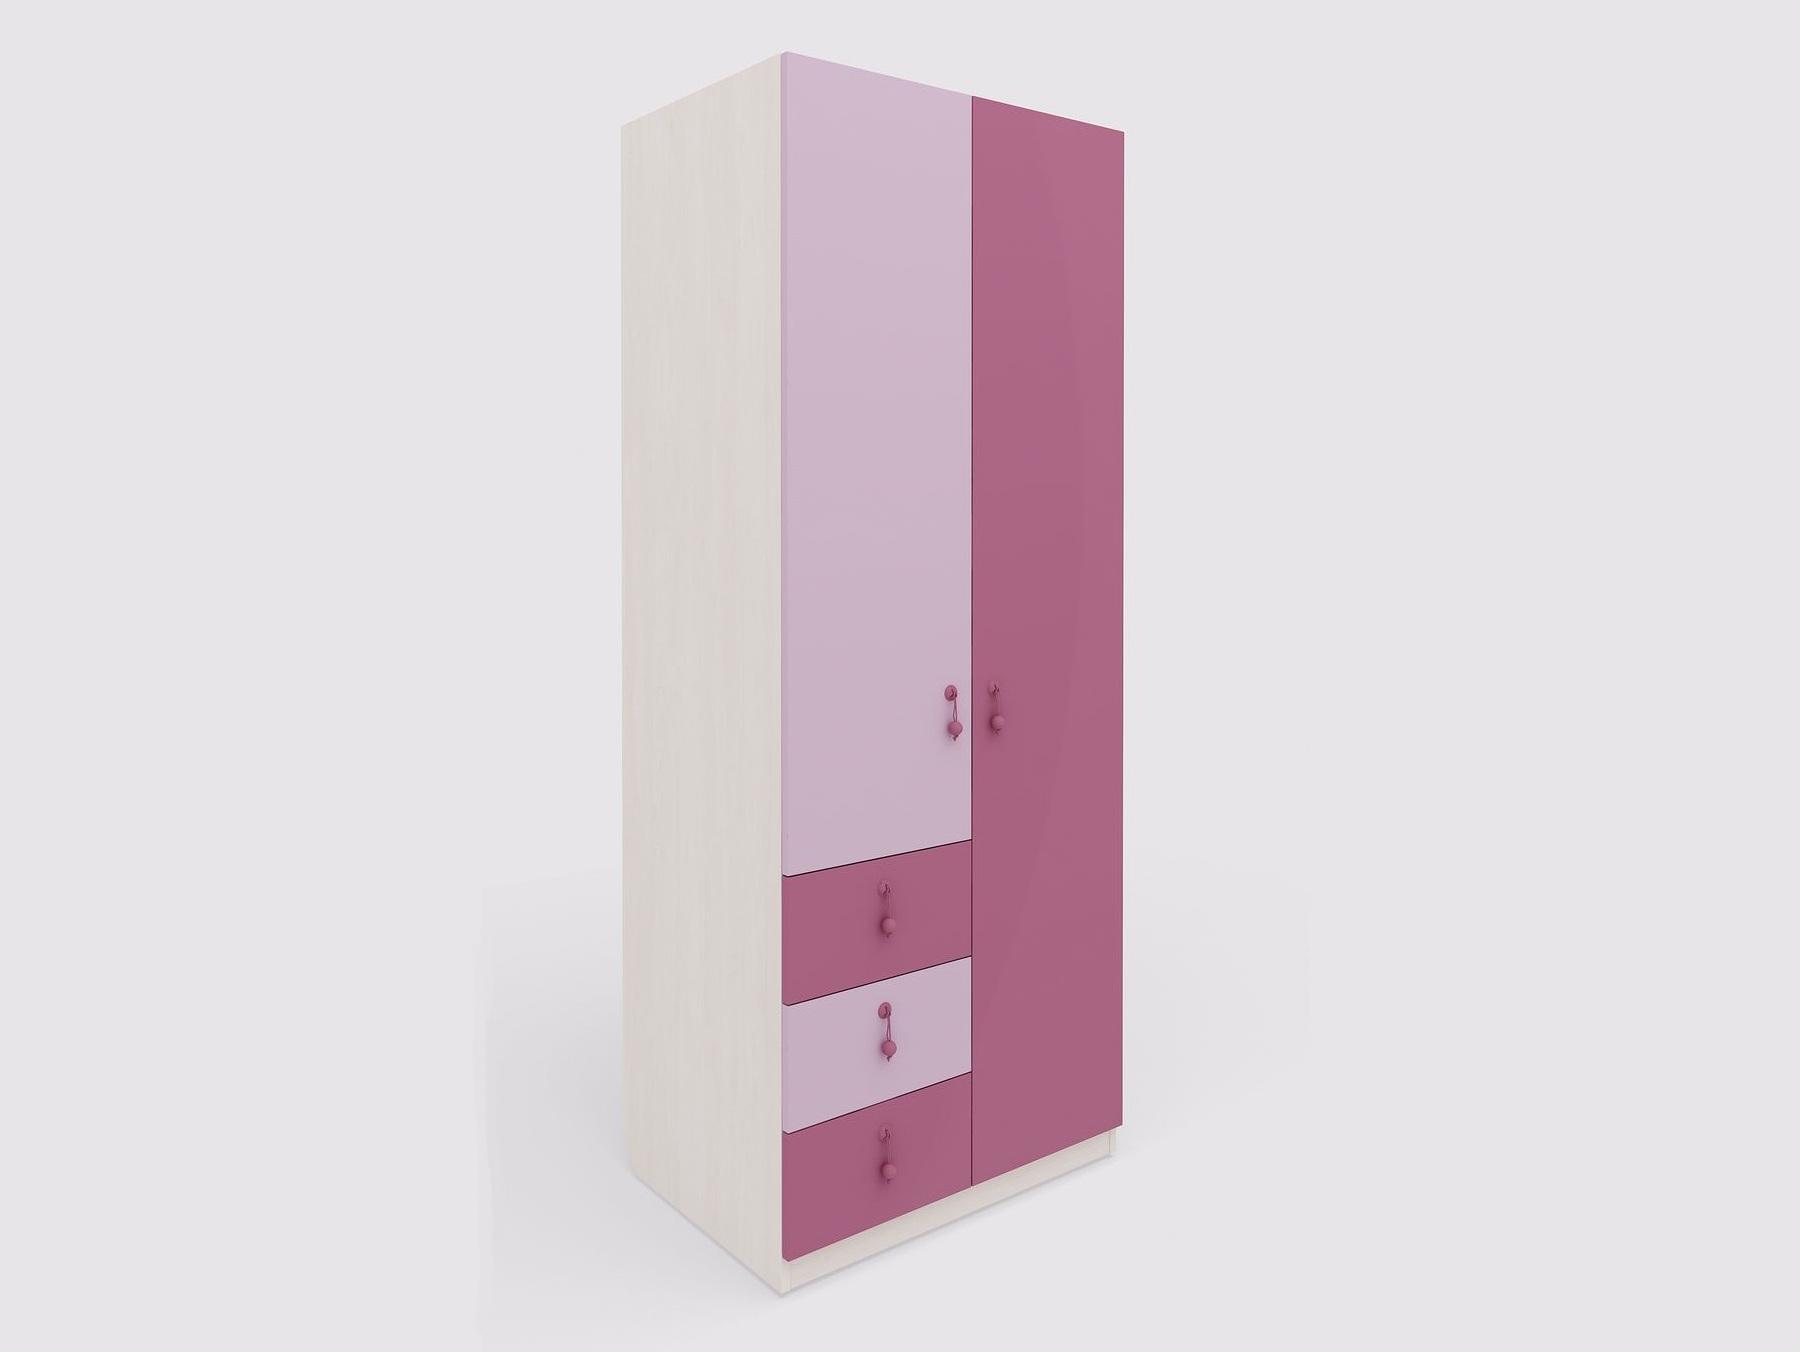 Lenza Dětská skříň Mia 82x210x60 cm